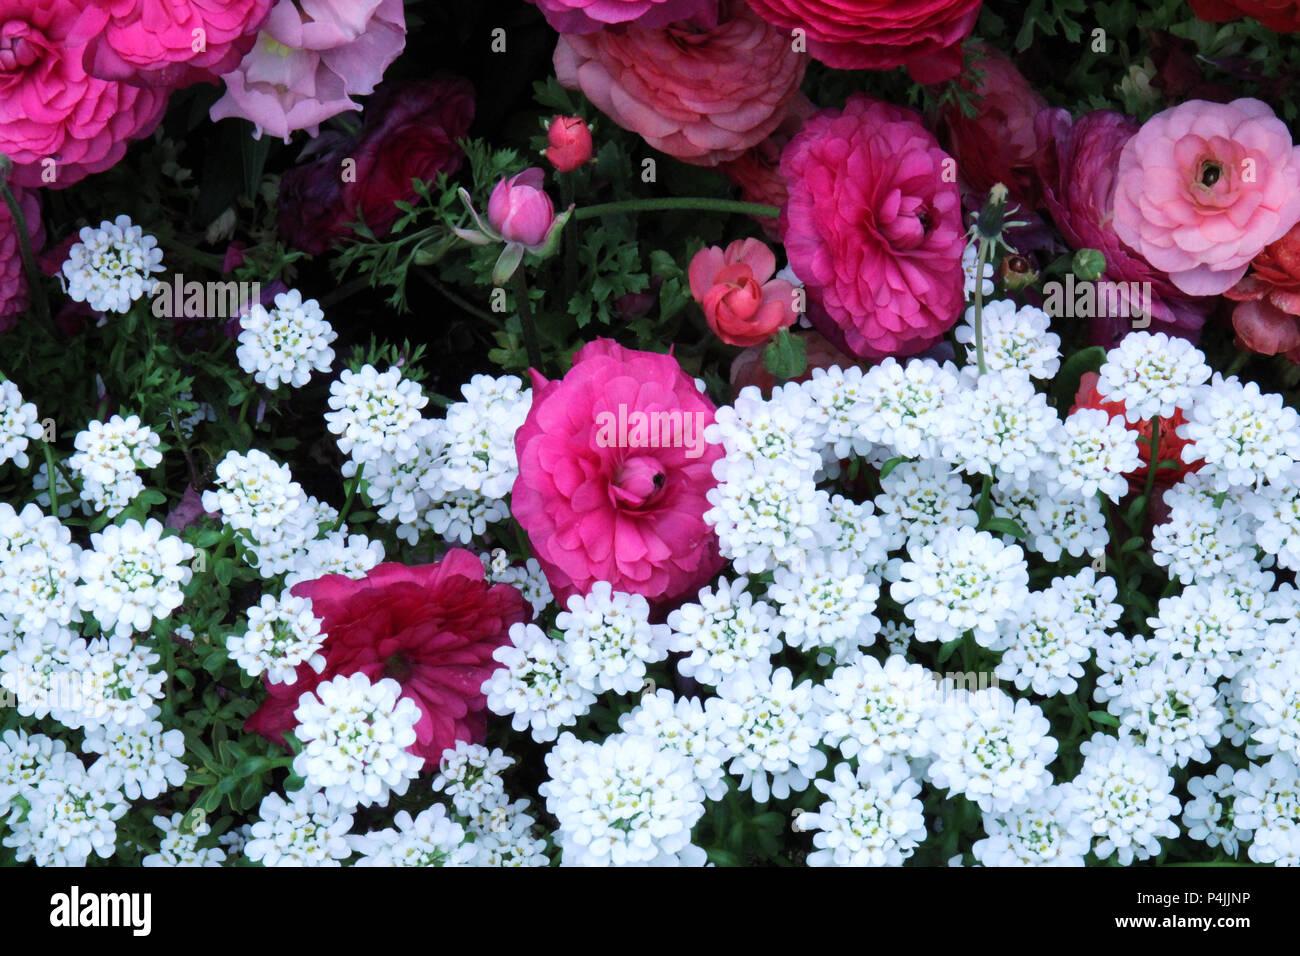 Rosa Ranunkeln, rosa Snapdragon und weißen Candytuft Blumen in einem Blumenbeet im Frühjahr Stockfoto